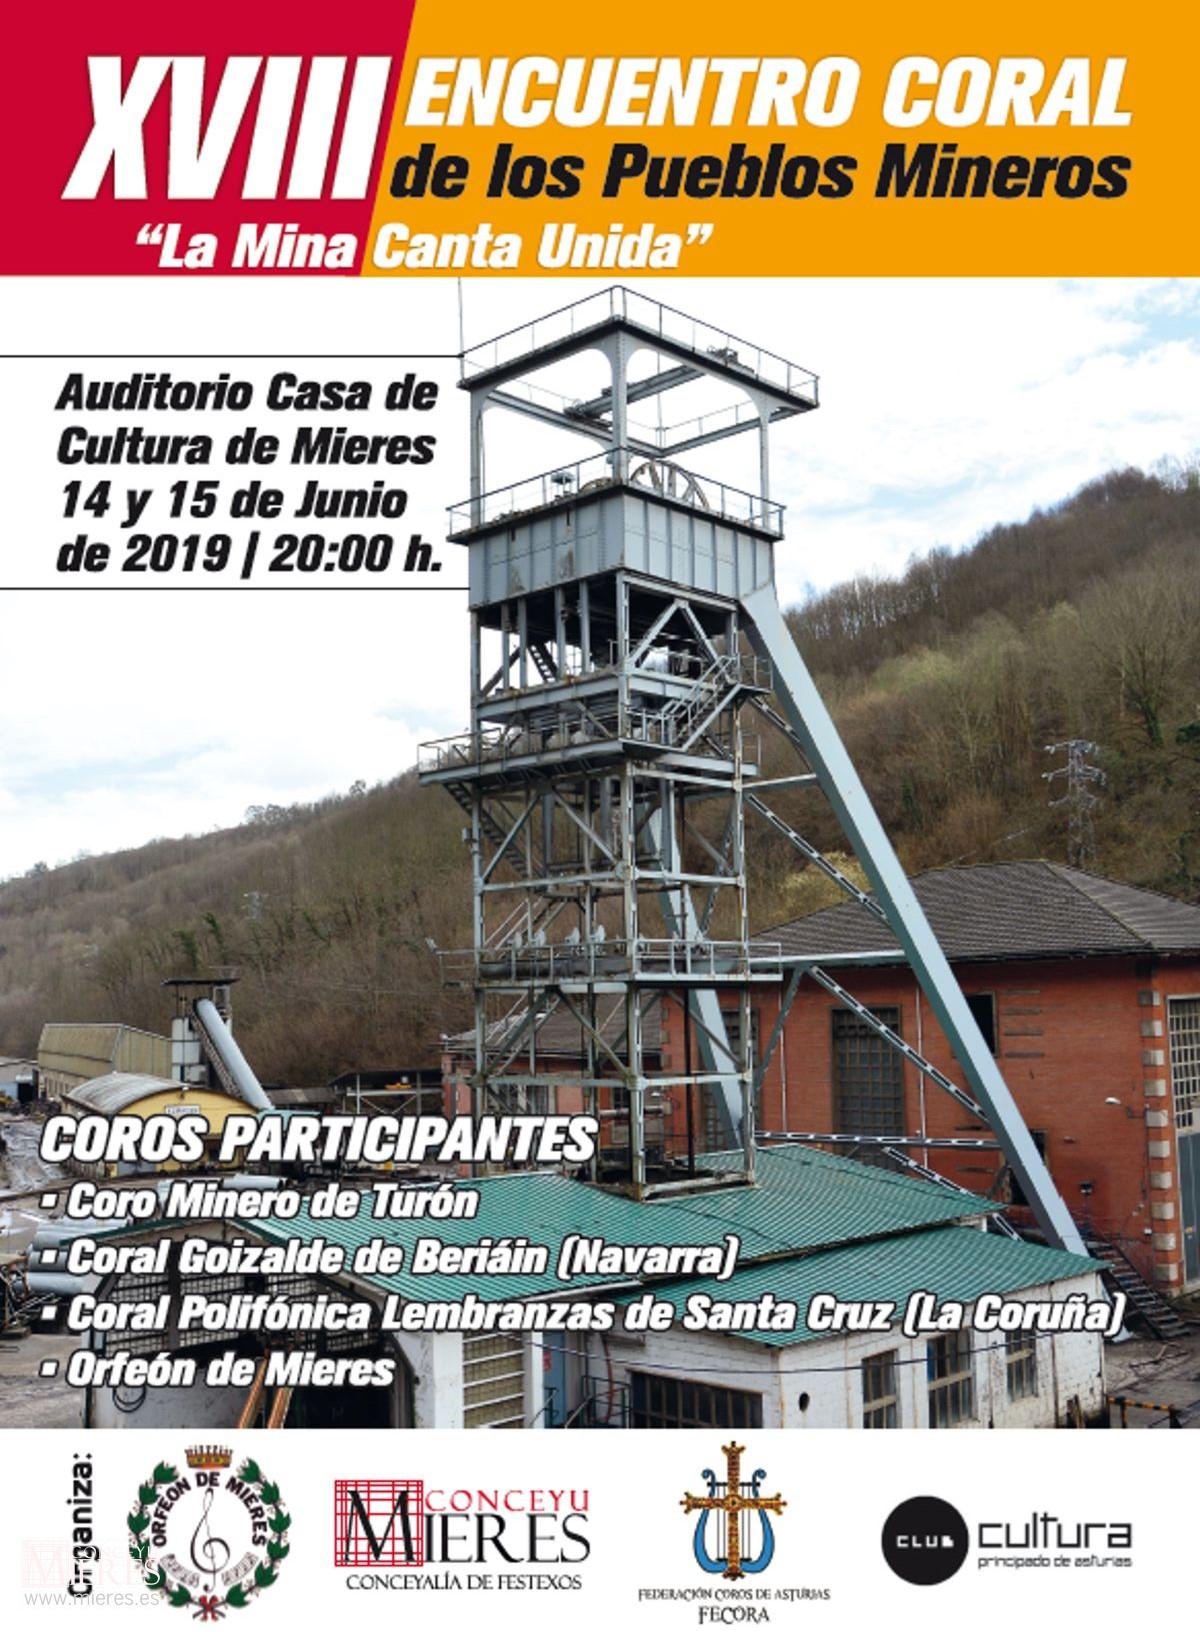 Cartel Web Encuentro Coral La Mina Canta Unida 2019